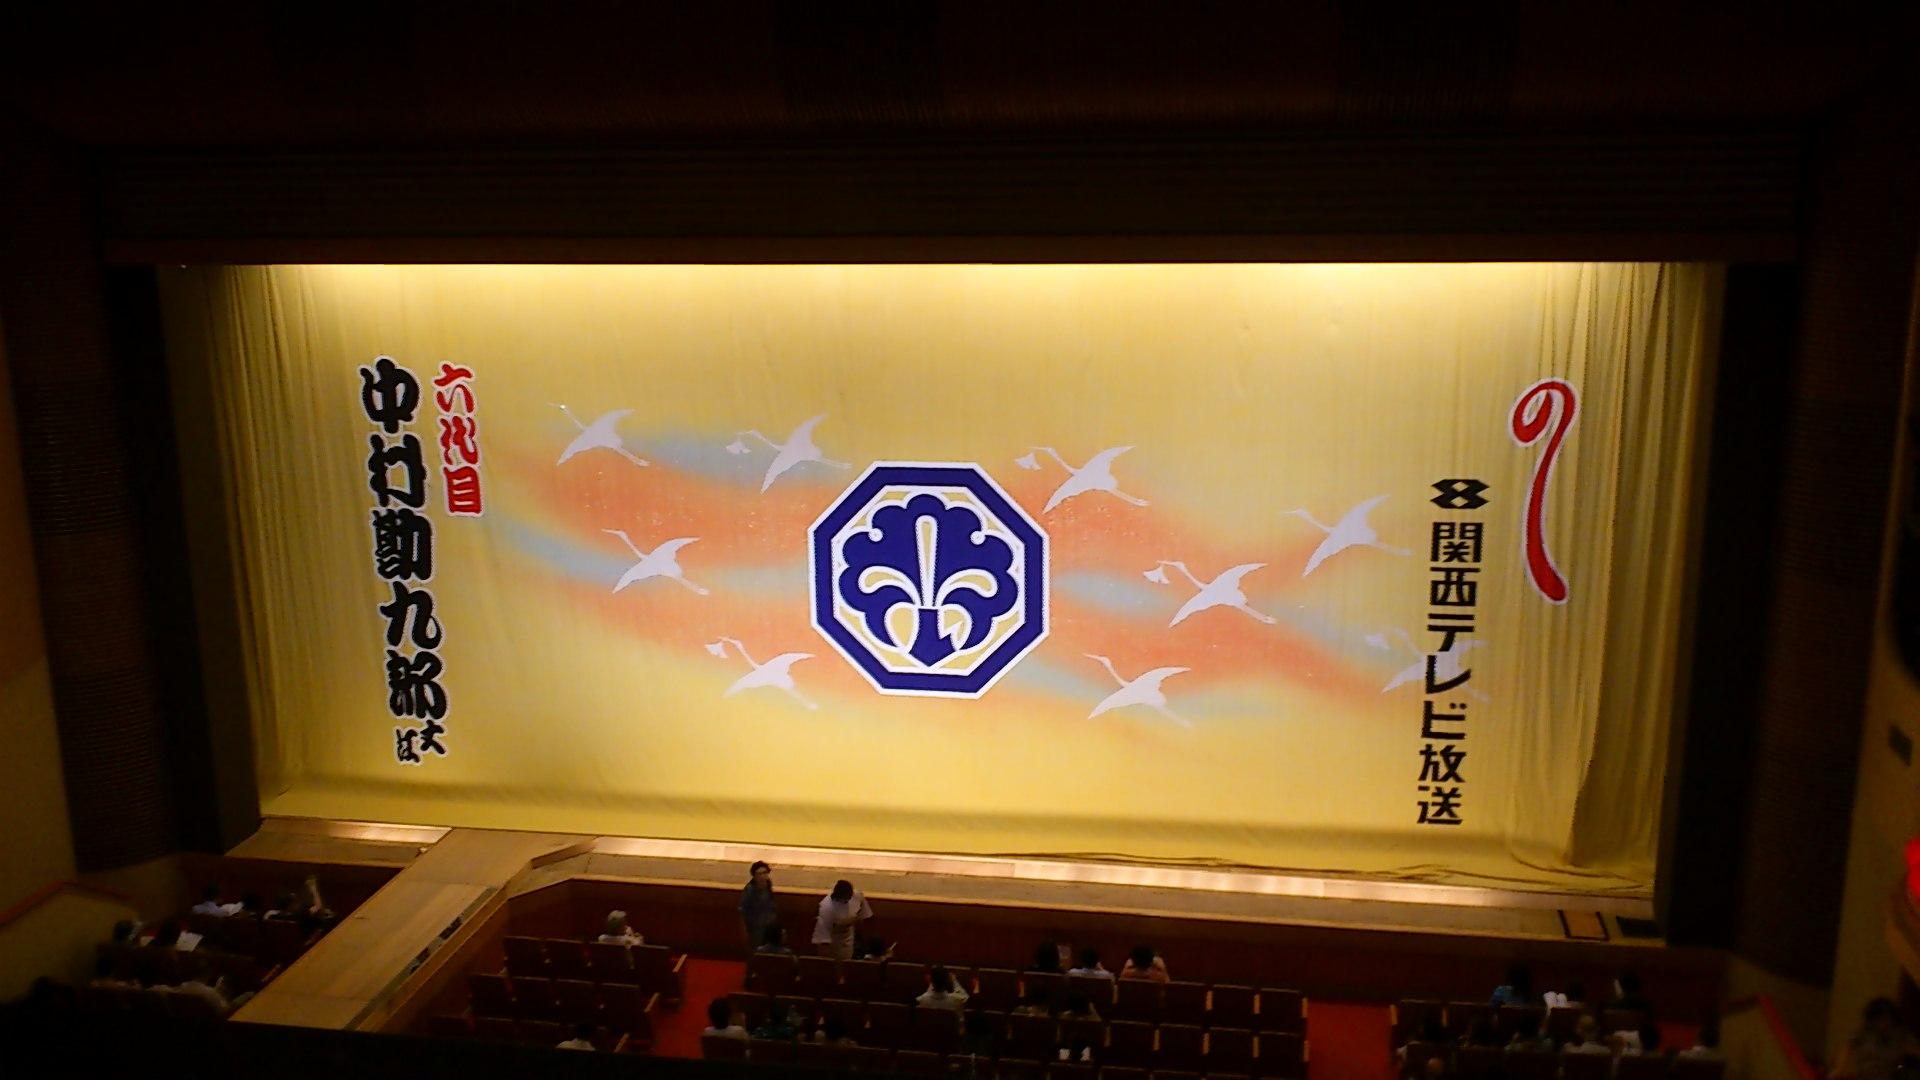 九月大歌舞伎・大阪松竹座初日 雨乞い狐さんの通力全開。勘九郎丈の切れ味は最高ですが、ほのぼのとした公演です。